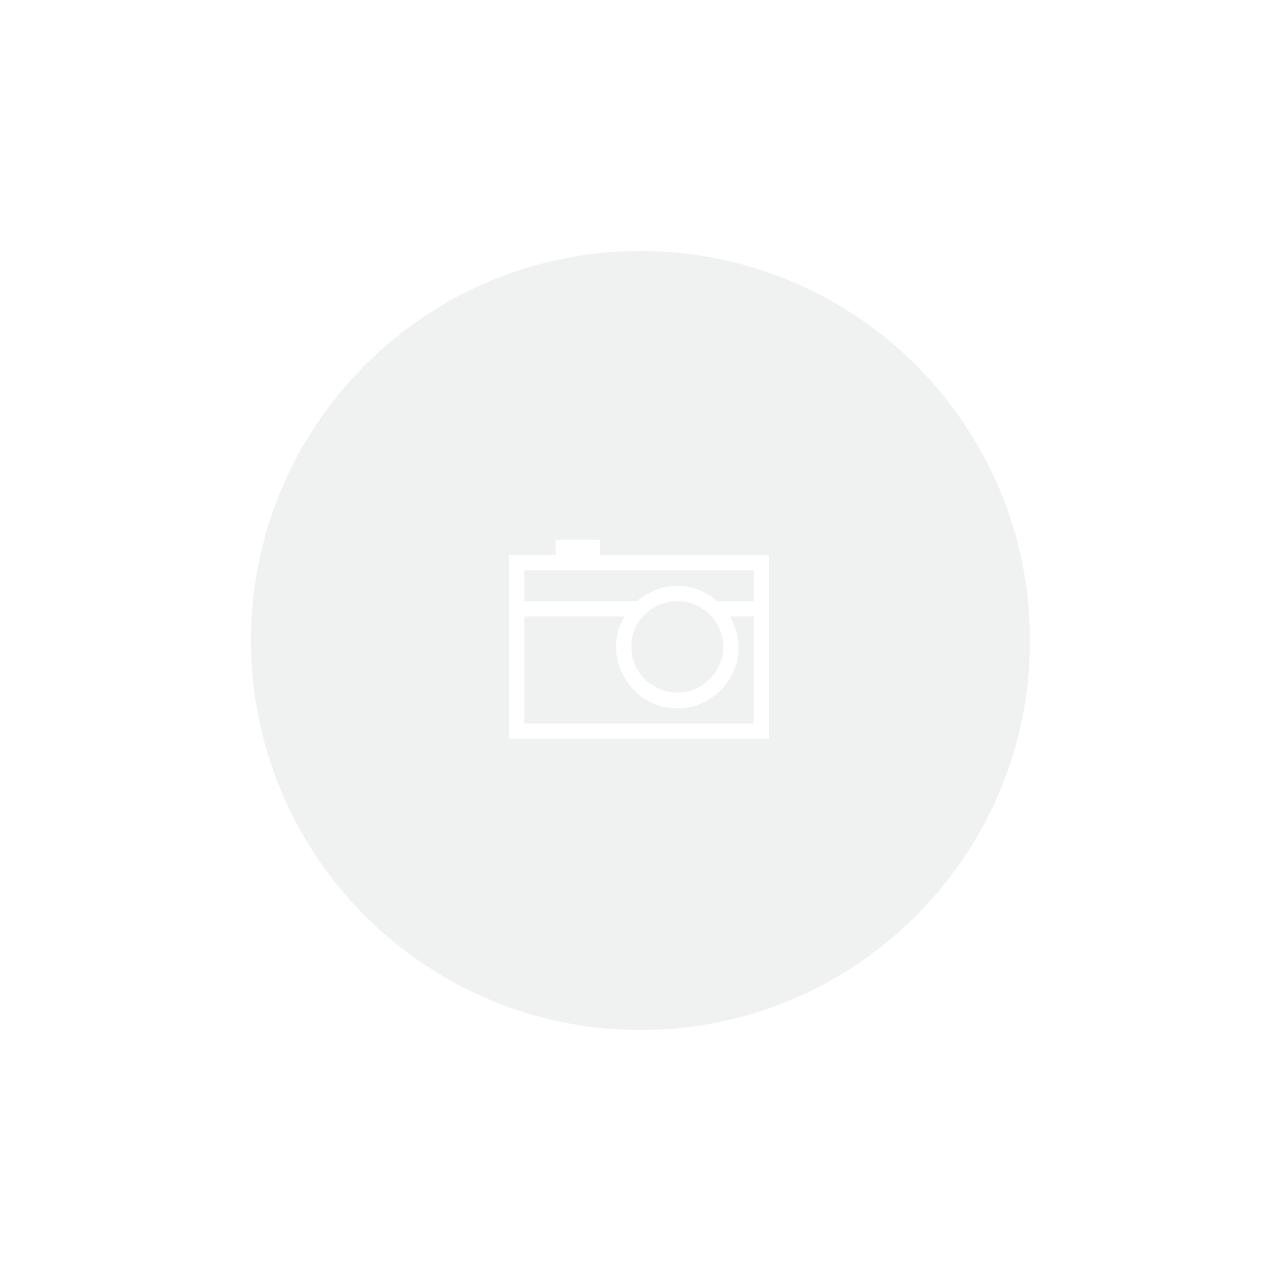 Lâmina Oster Máquina Artisan, Baby ou Minimax -